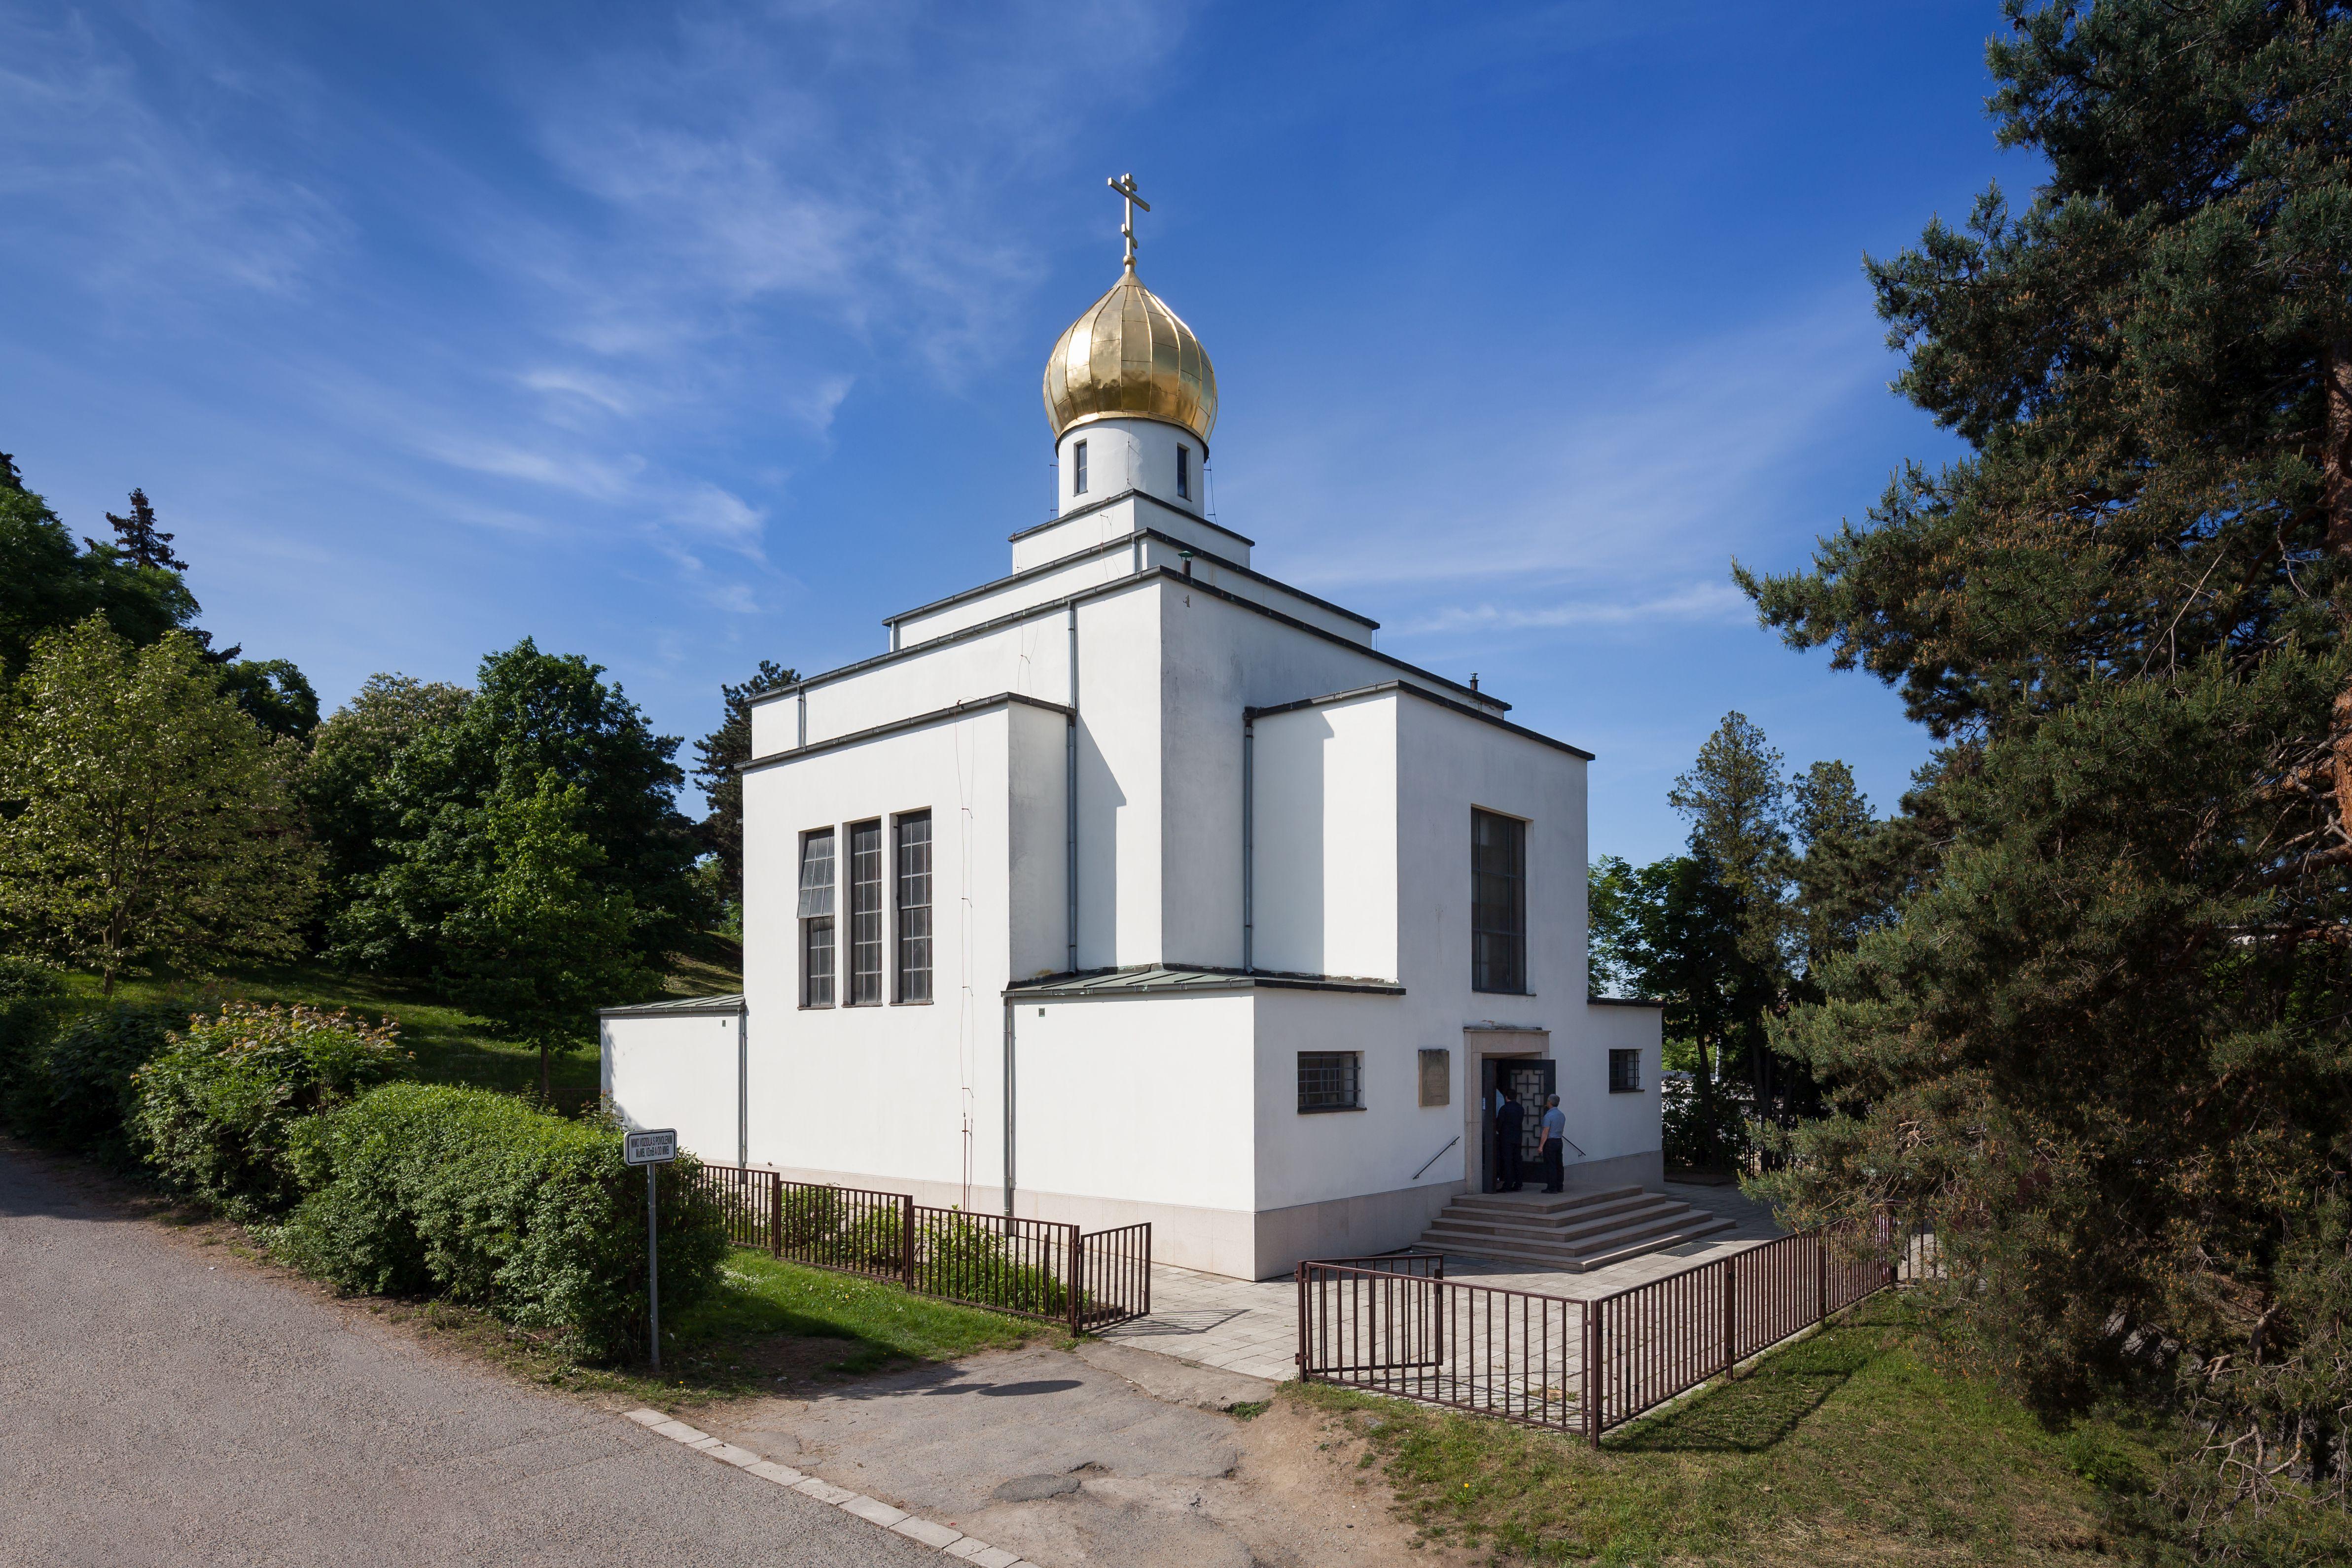 Pravoslavný chrám sv. Václava v Brně